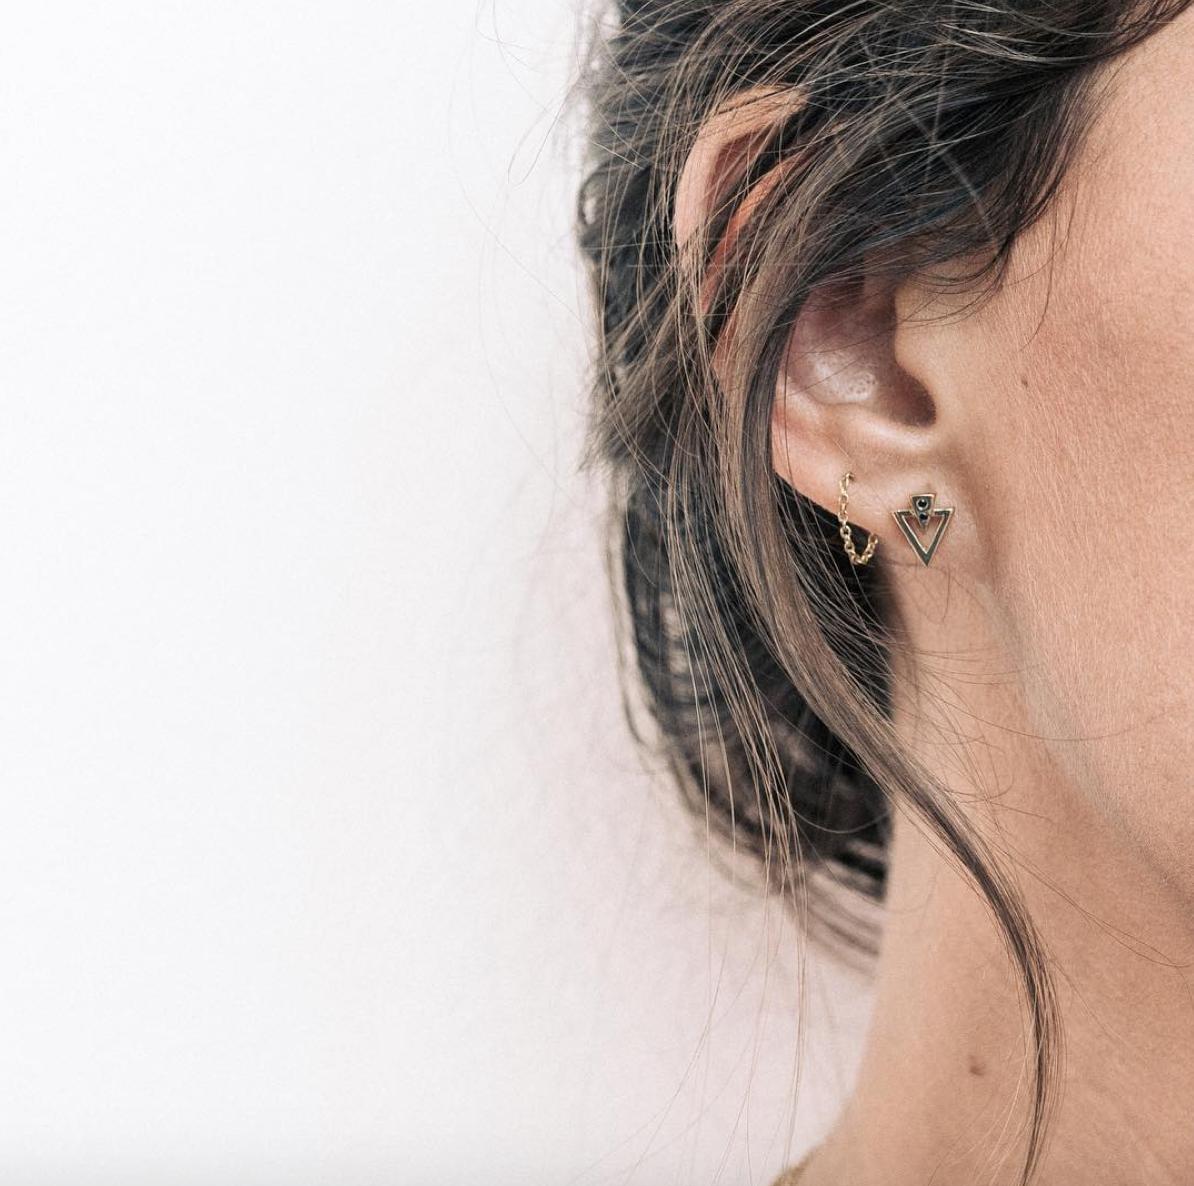 396ff6f4b Boucles doreilles desous de lobes argent - silver under lobe earrings from  www.stonance.com | 页面风格 | Earrings, Pearl Earrings, Diamond Earrings